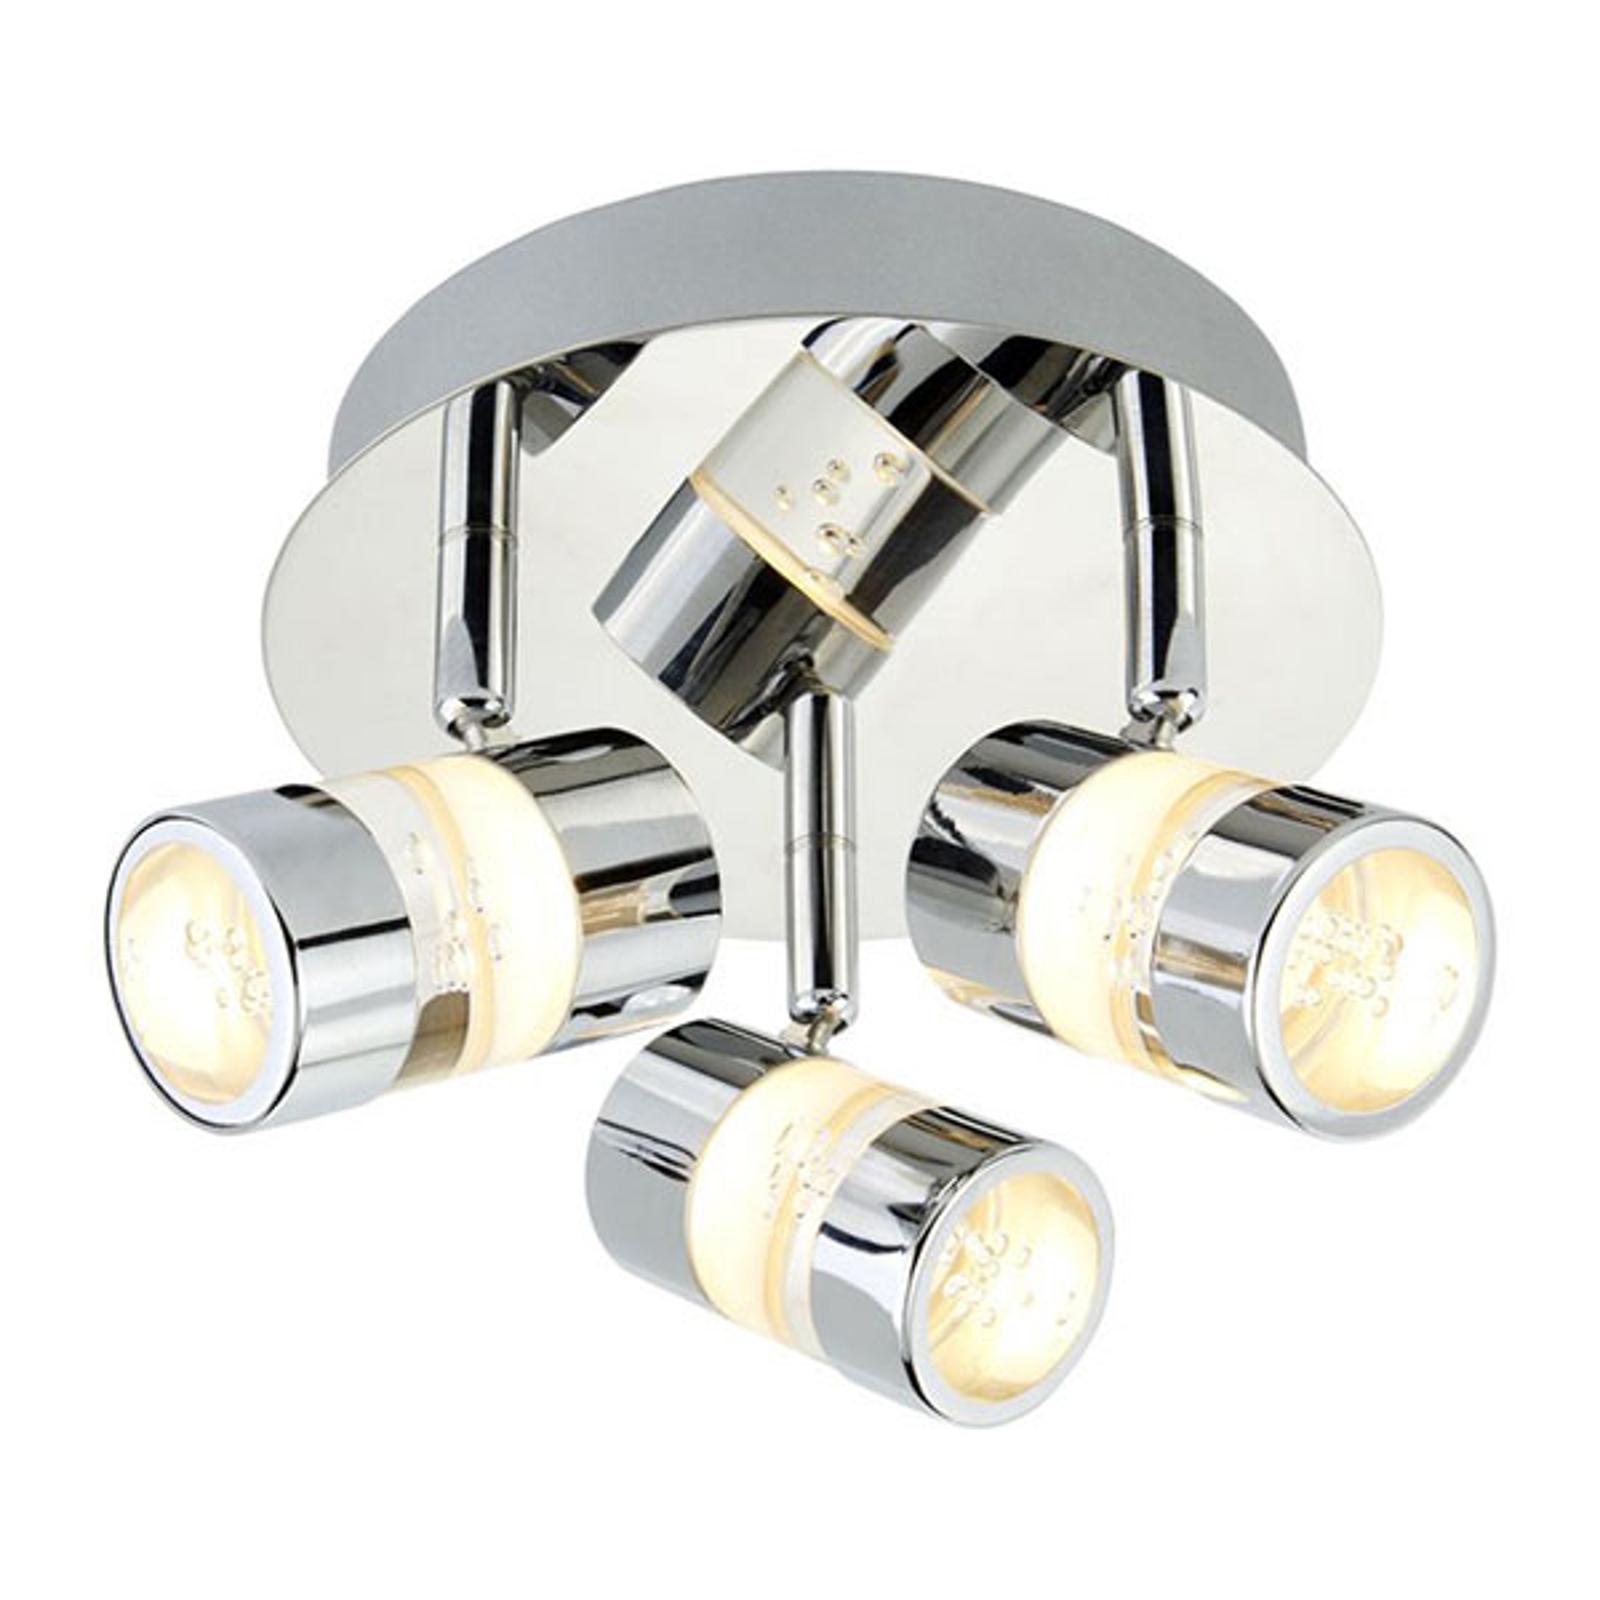 Acquista Plafoniera LED rotonda Bubbles, IP44, 3 luci